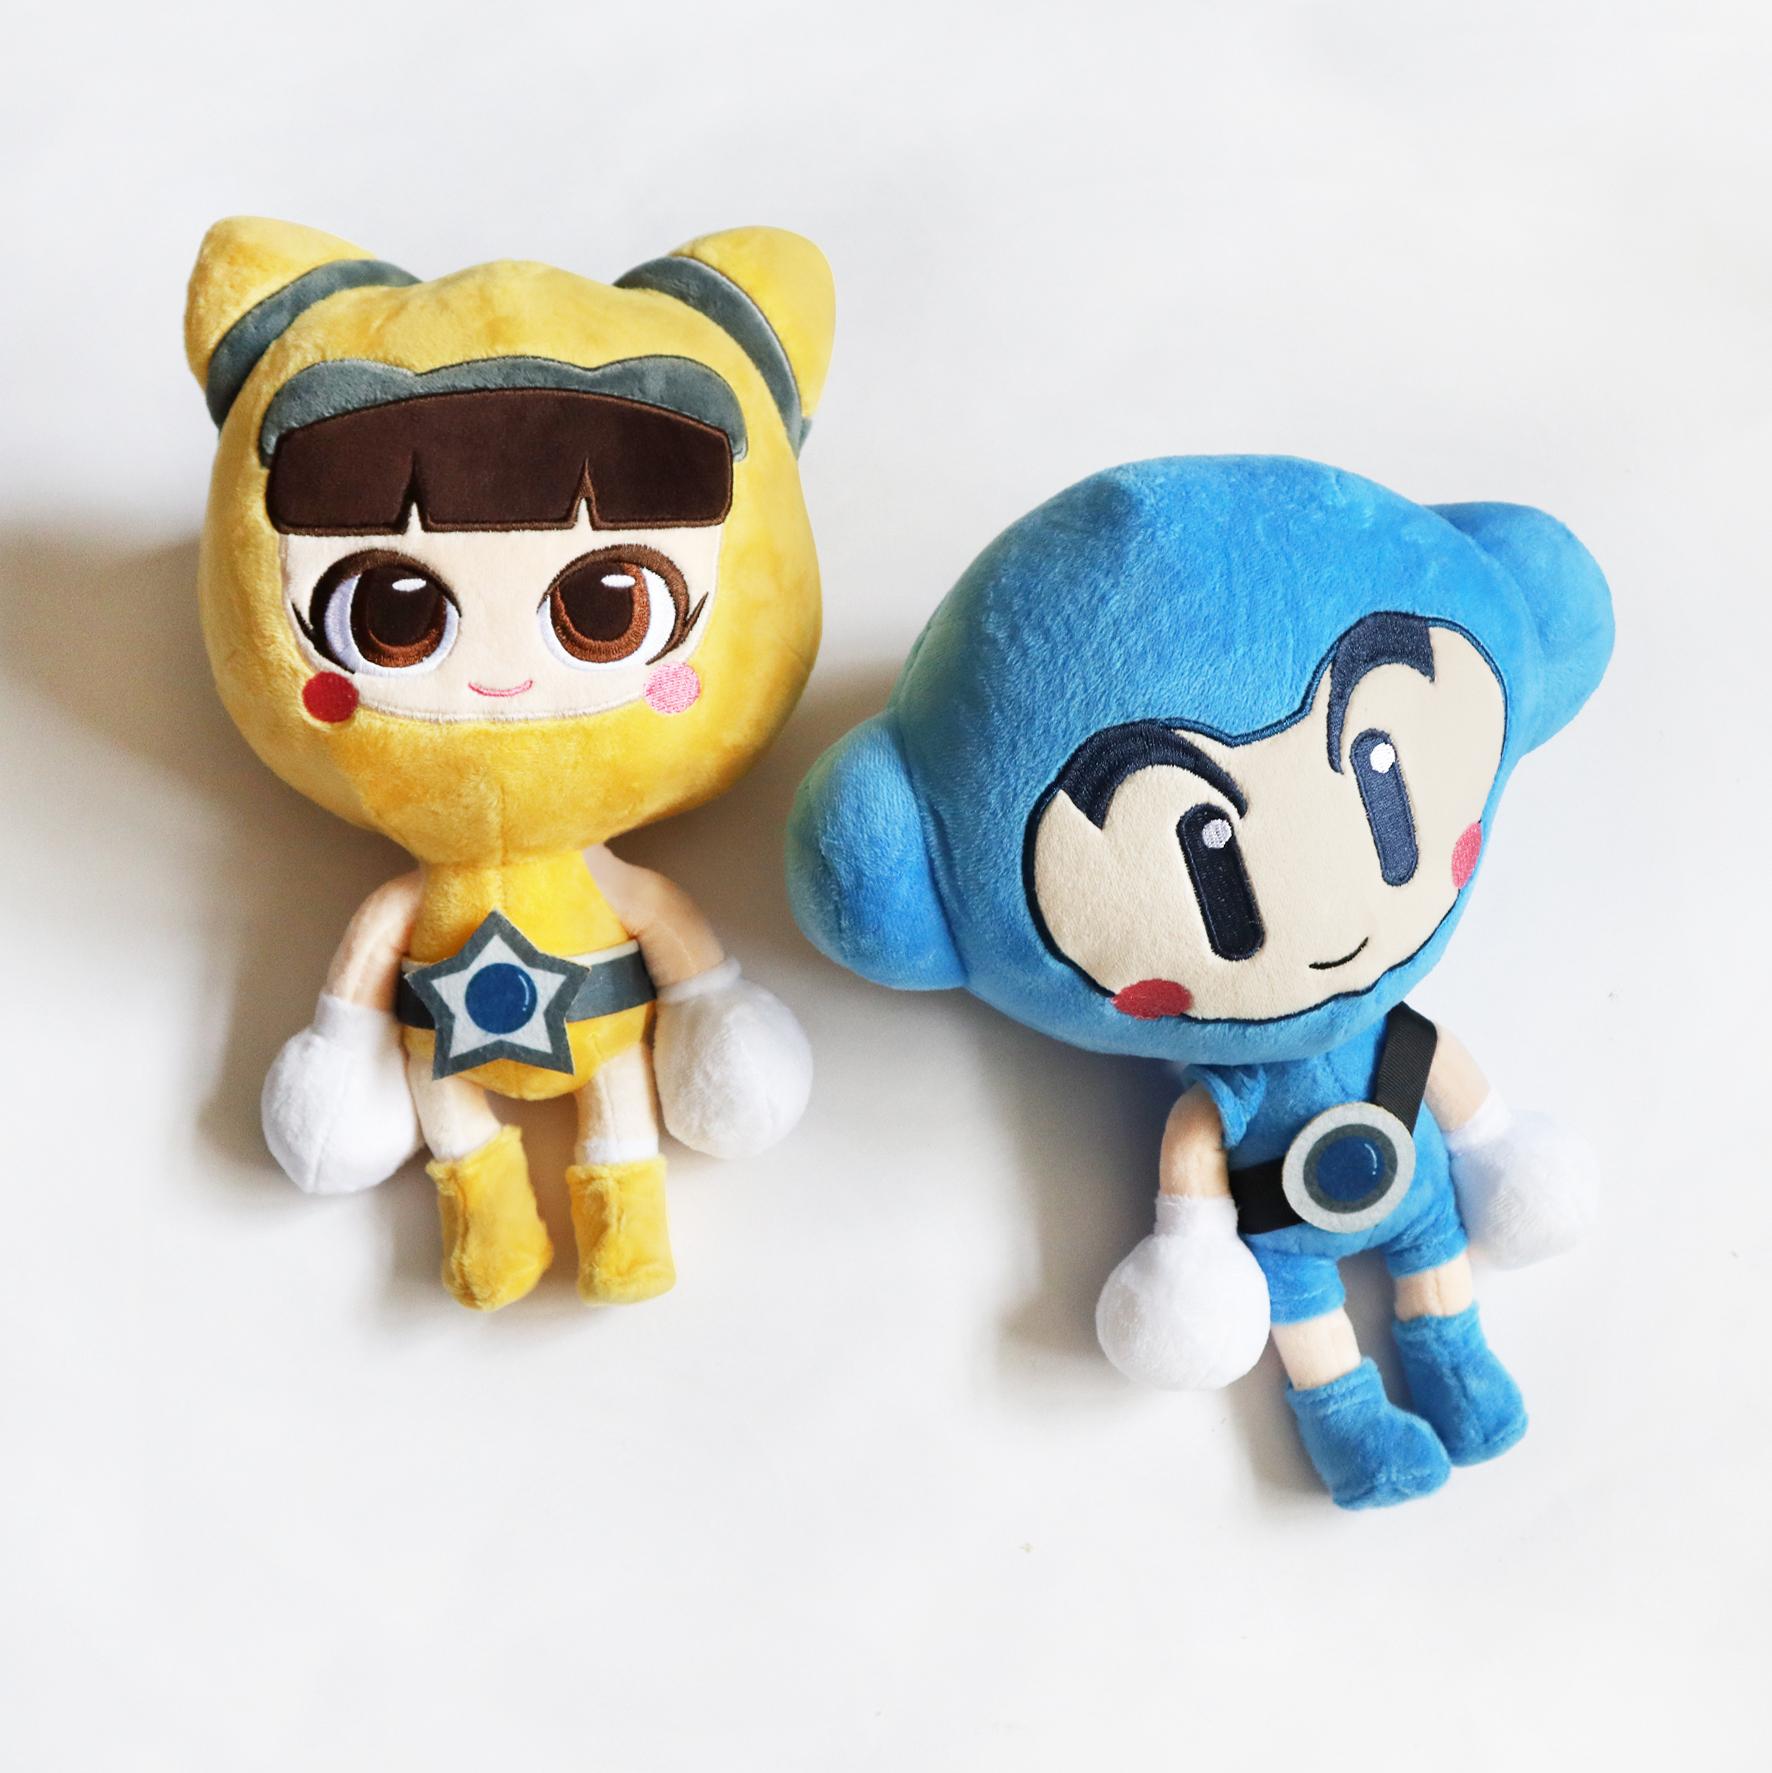 NEXON 台灣樂線 - 玩偶